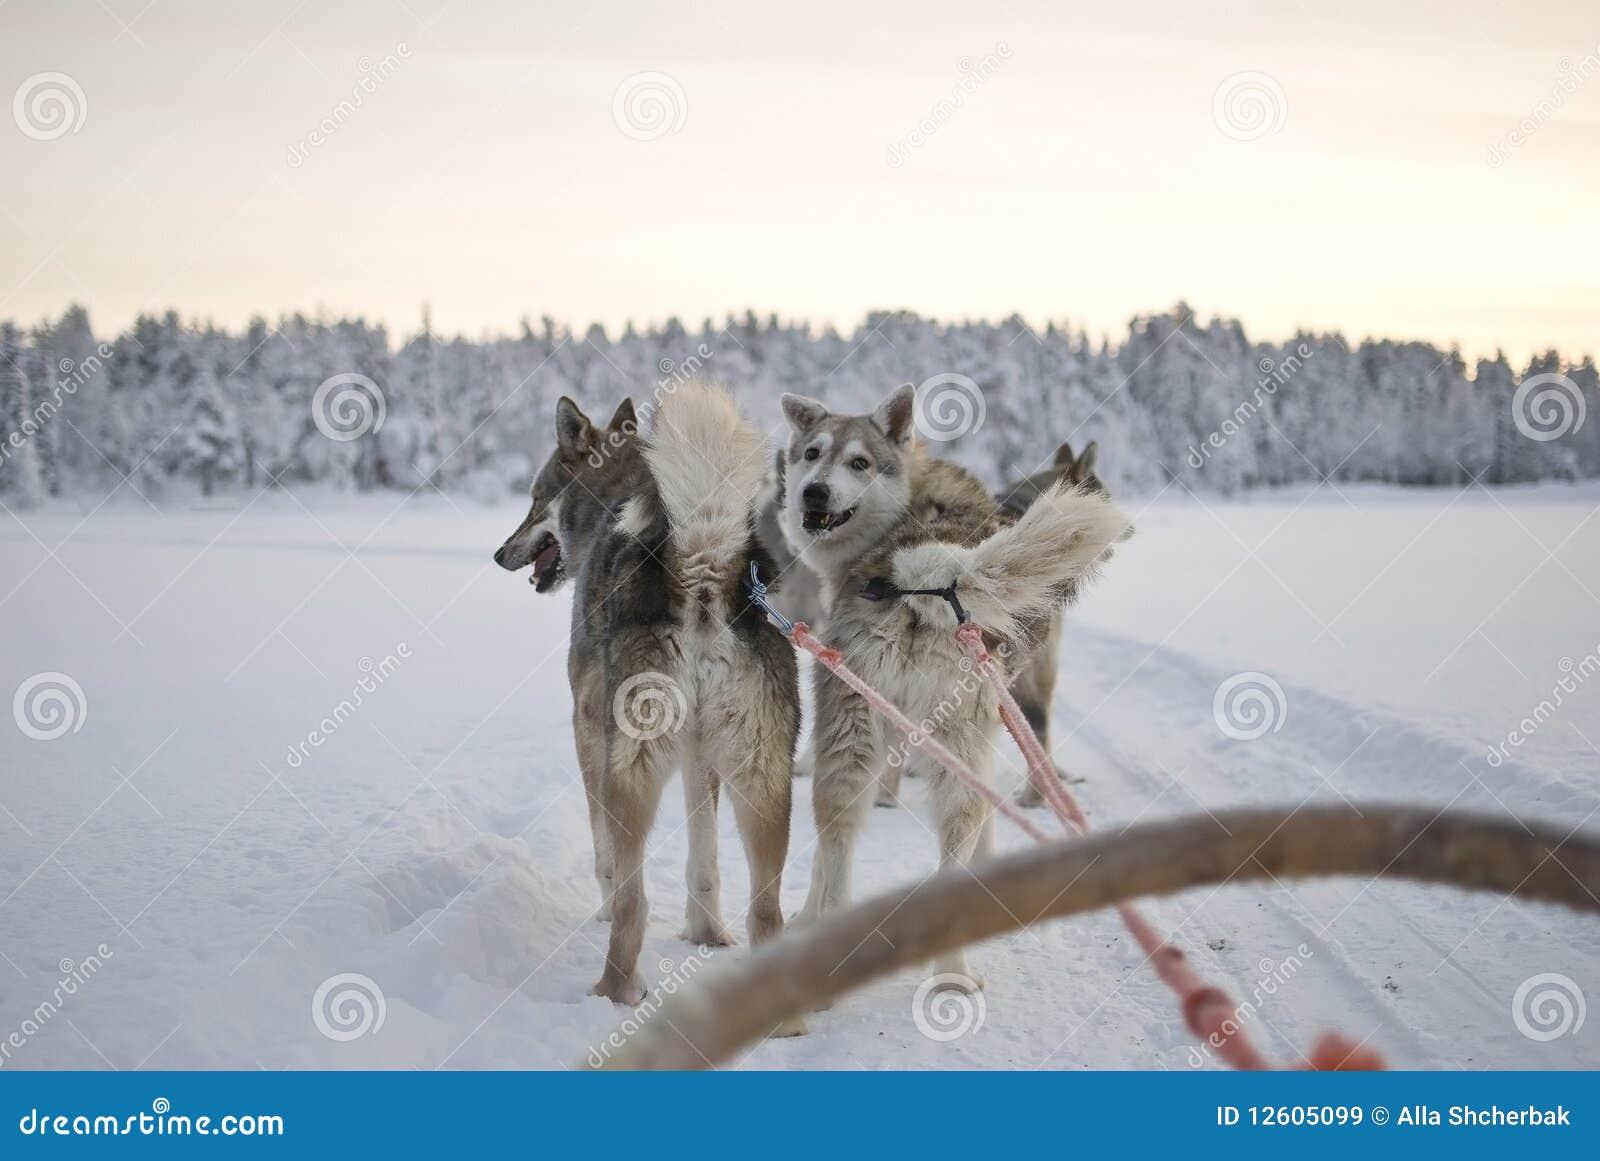 γεροδεμένο έλκηθρο σκυ